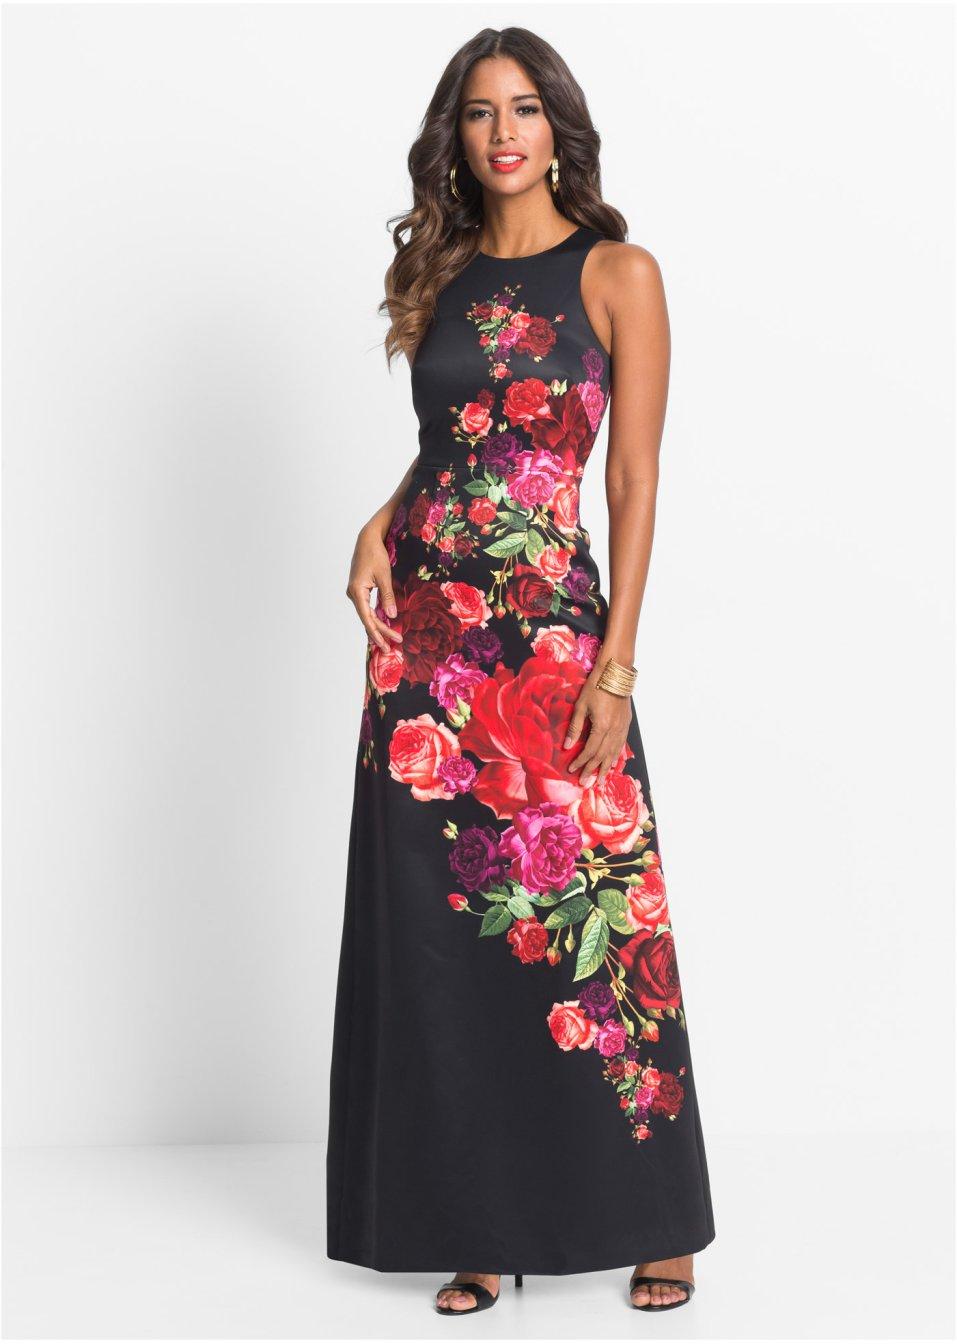 Abito a fiori Nero   fucsia   verde - BODYFLIRT boutique ordina online -  bonprix.it edf14a6a817